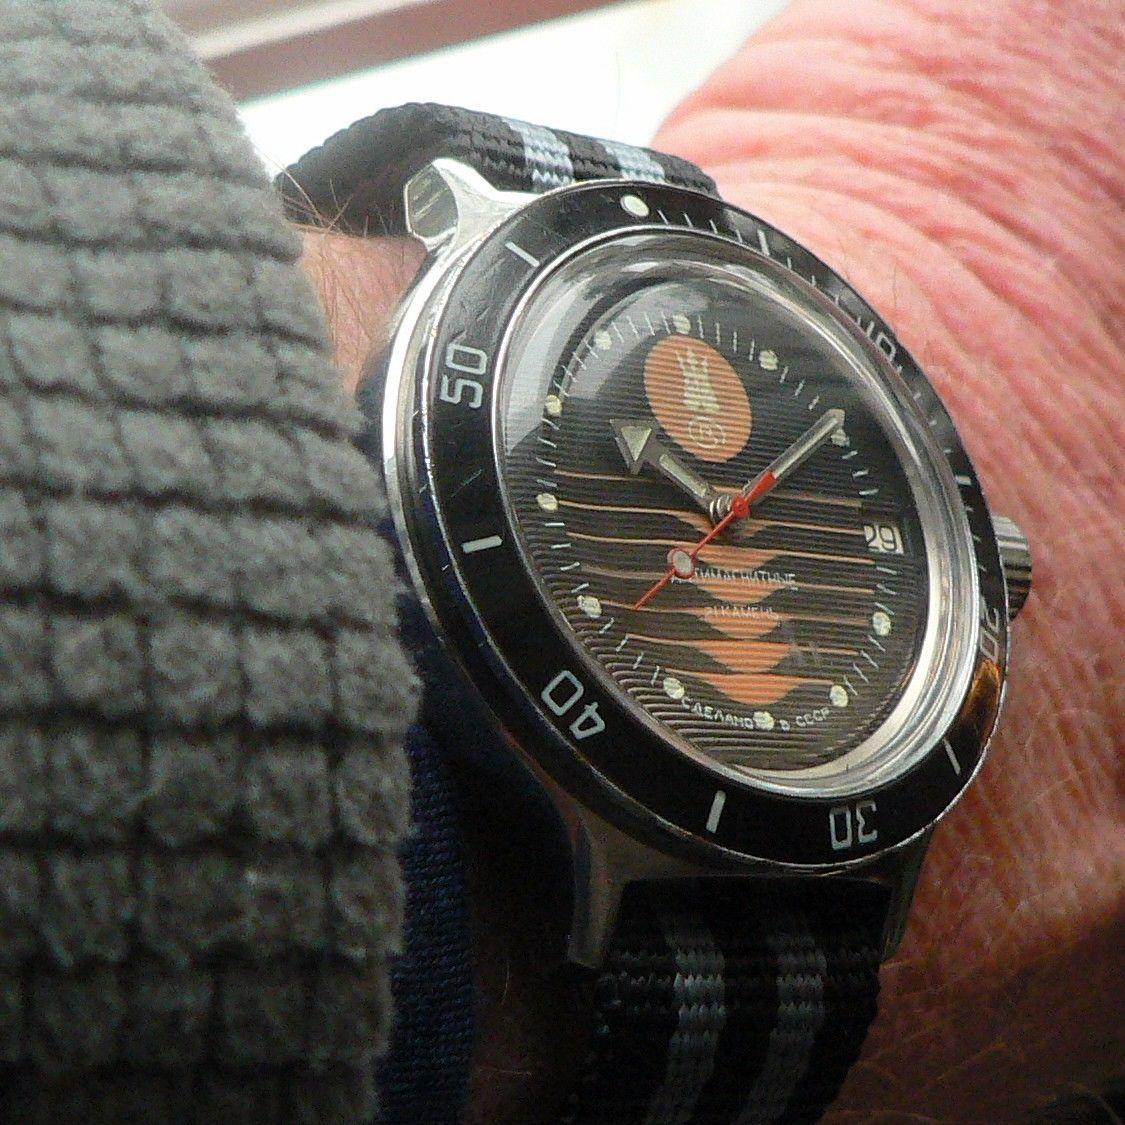 Vostok Neptune _57-610